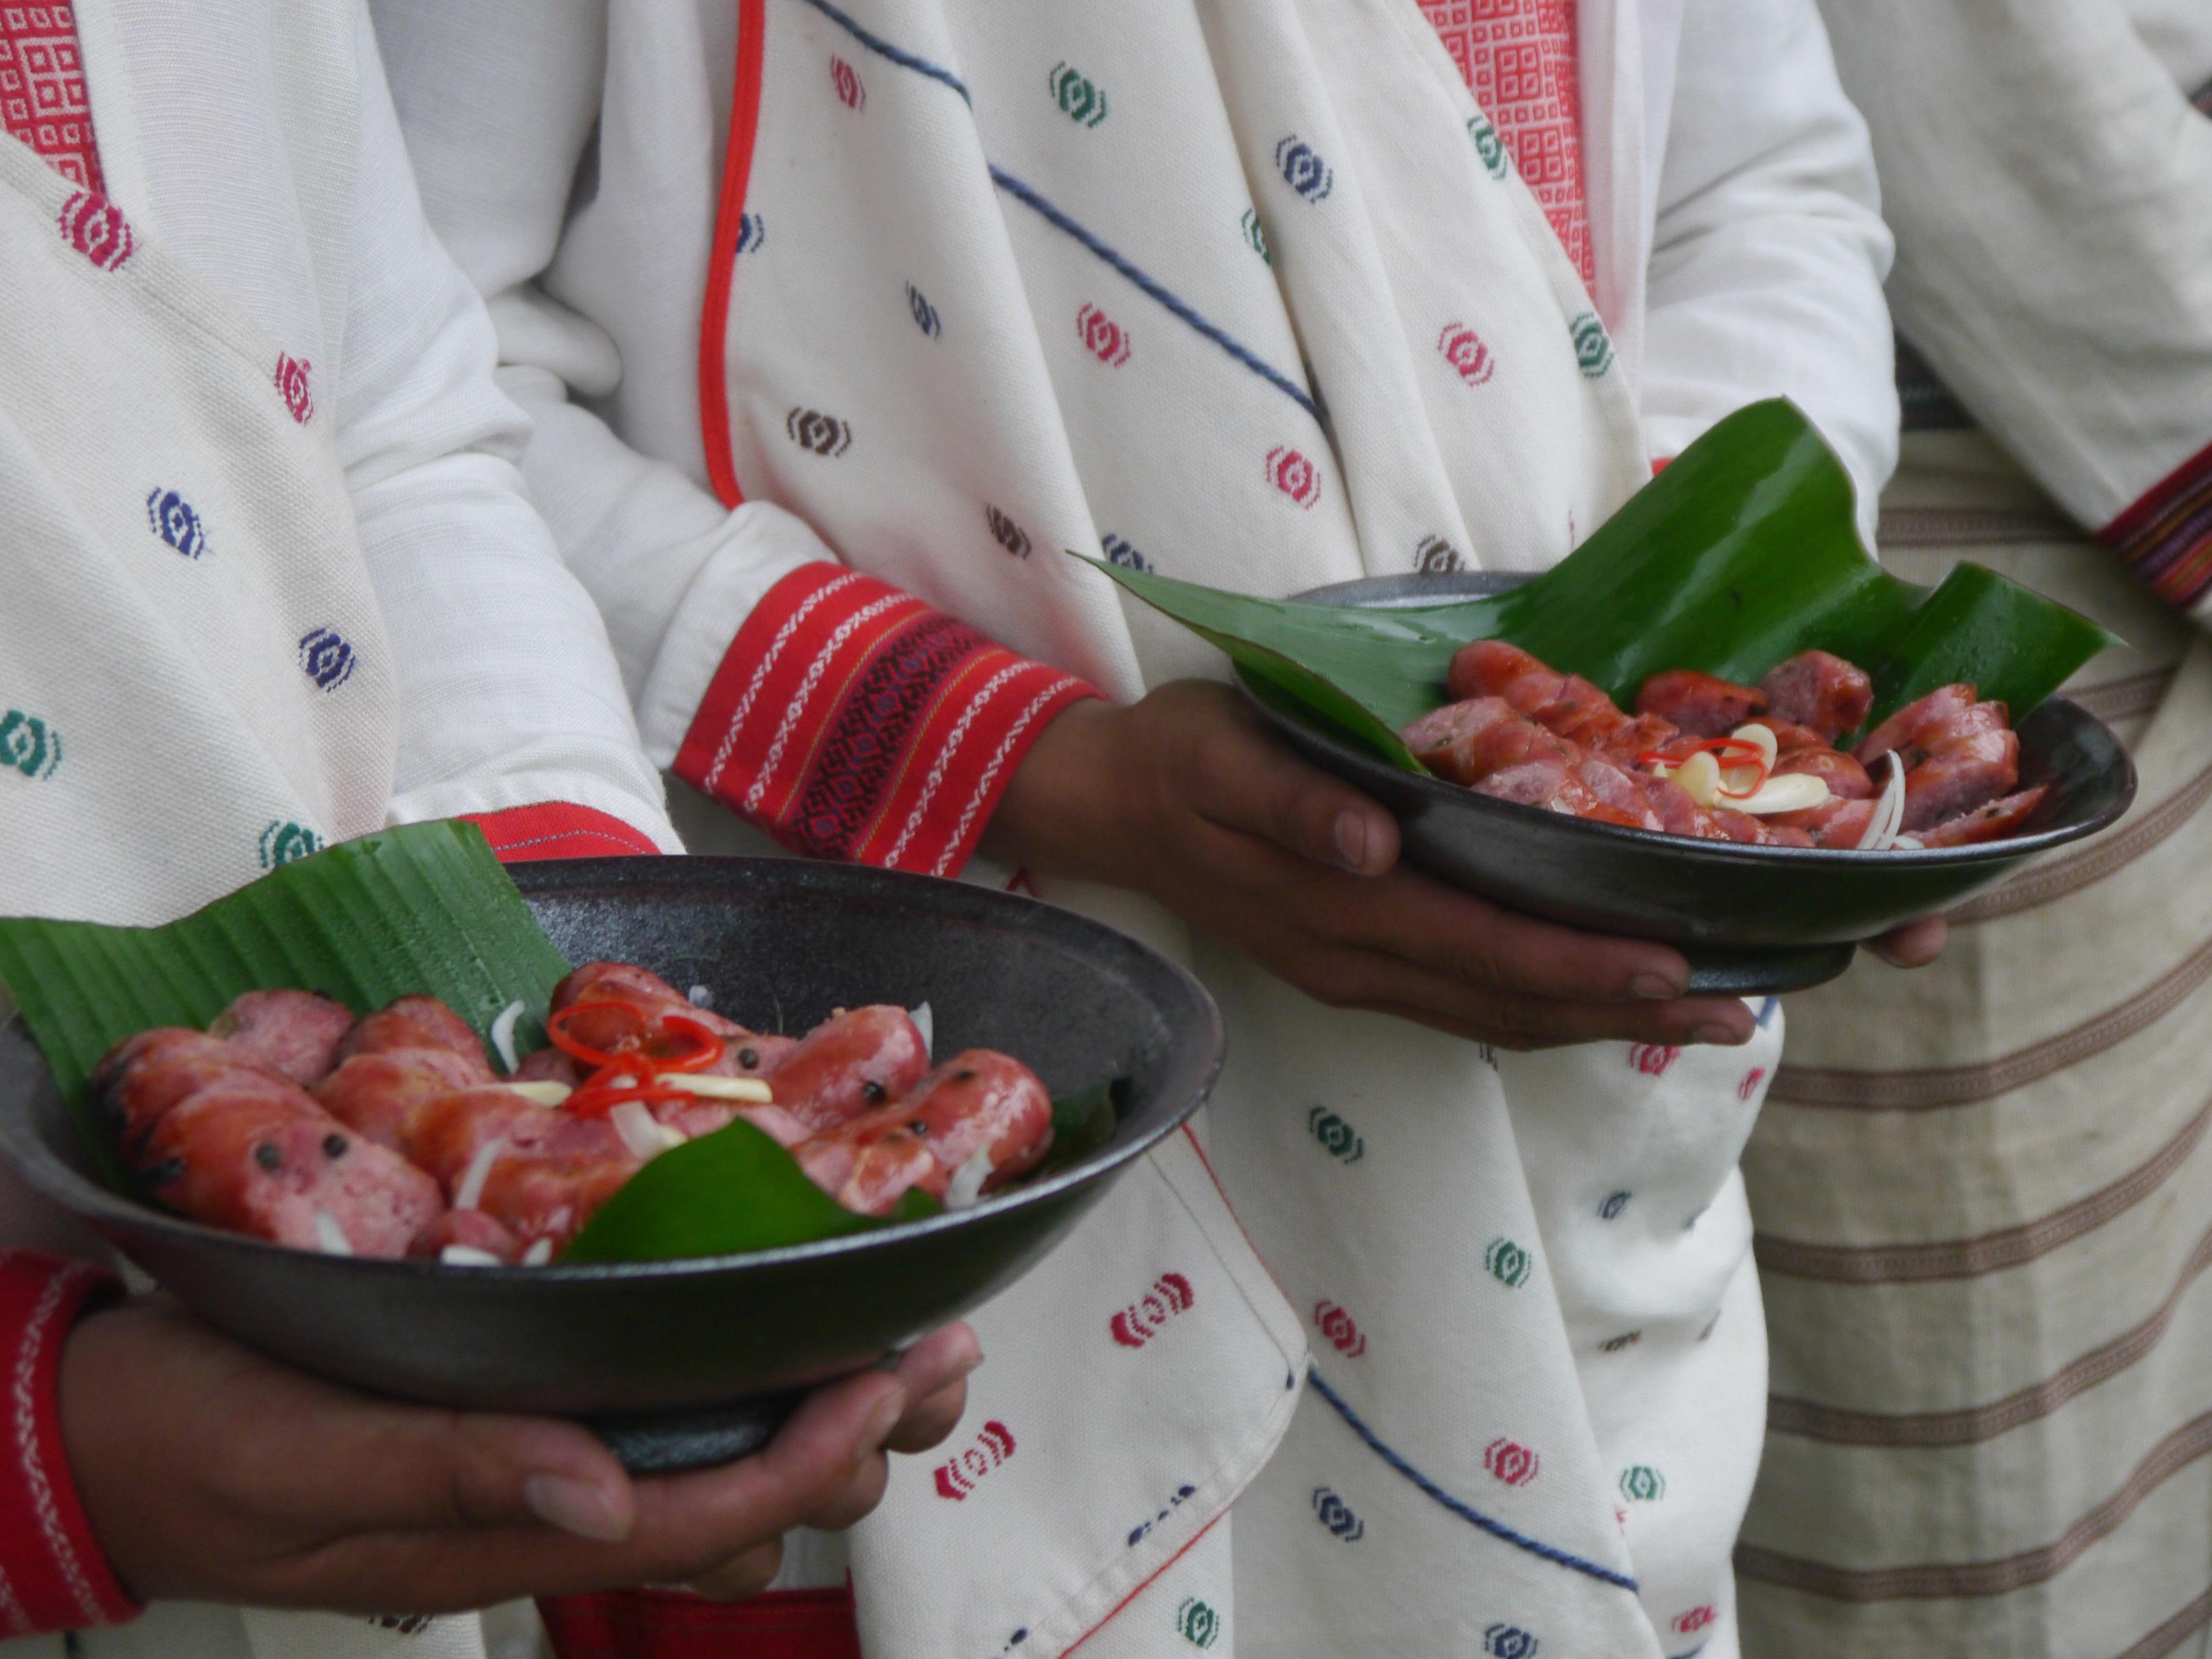 【山海釀酵。花東旅】尋找不一樣的太魯閣原鄉 – 花蓮銅門部落食旅體驗2天